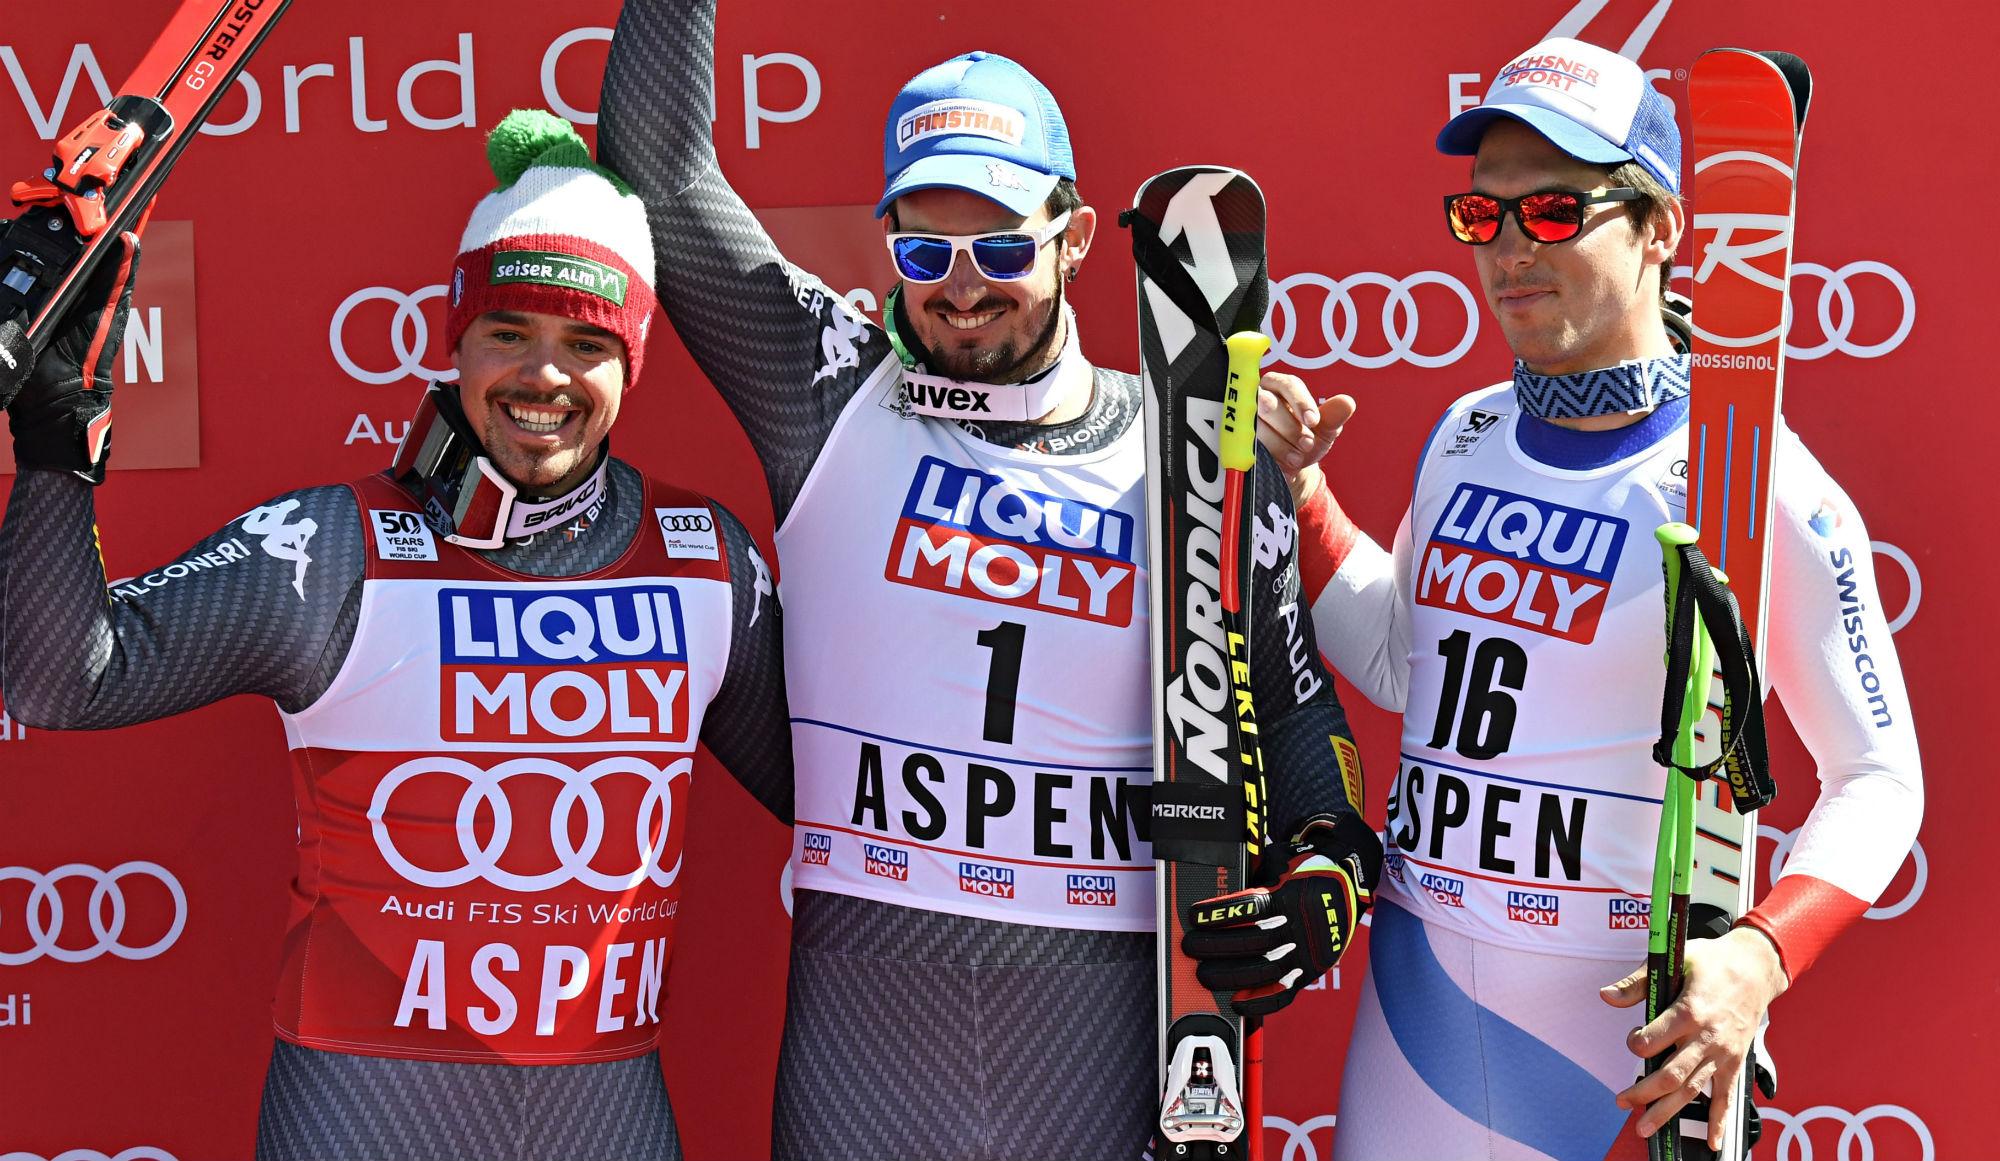 Peter Fill, Dominik Paris e Carlo Janka sul podio dell'ultima discesa libera stagionale, ad Aspen (@Zoom agence)